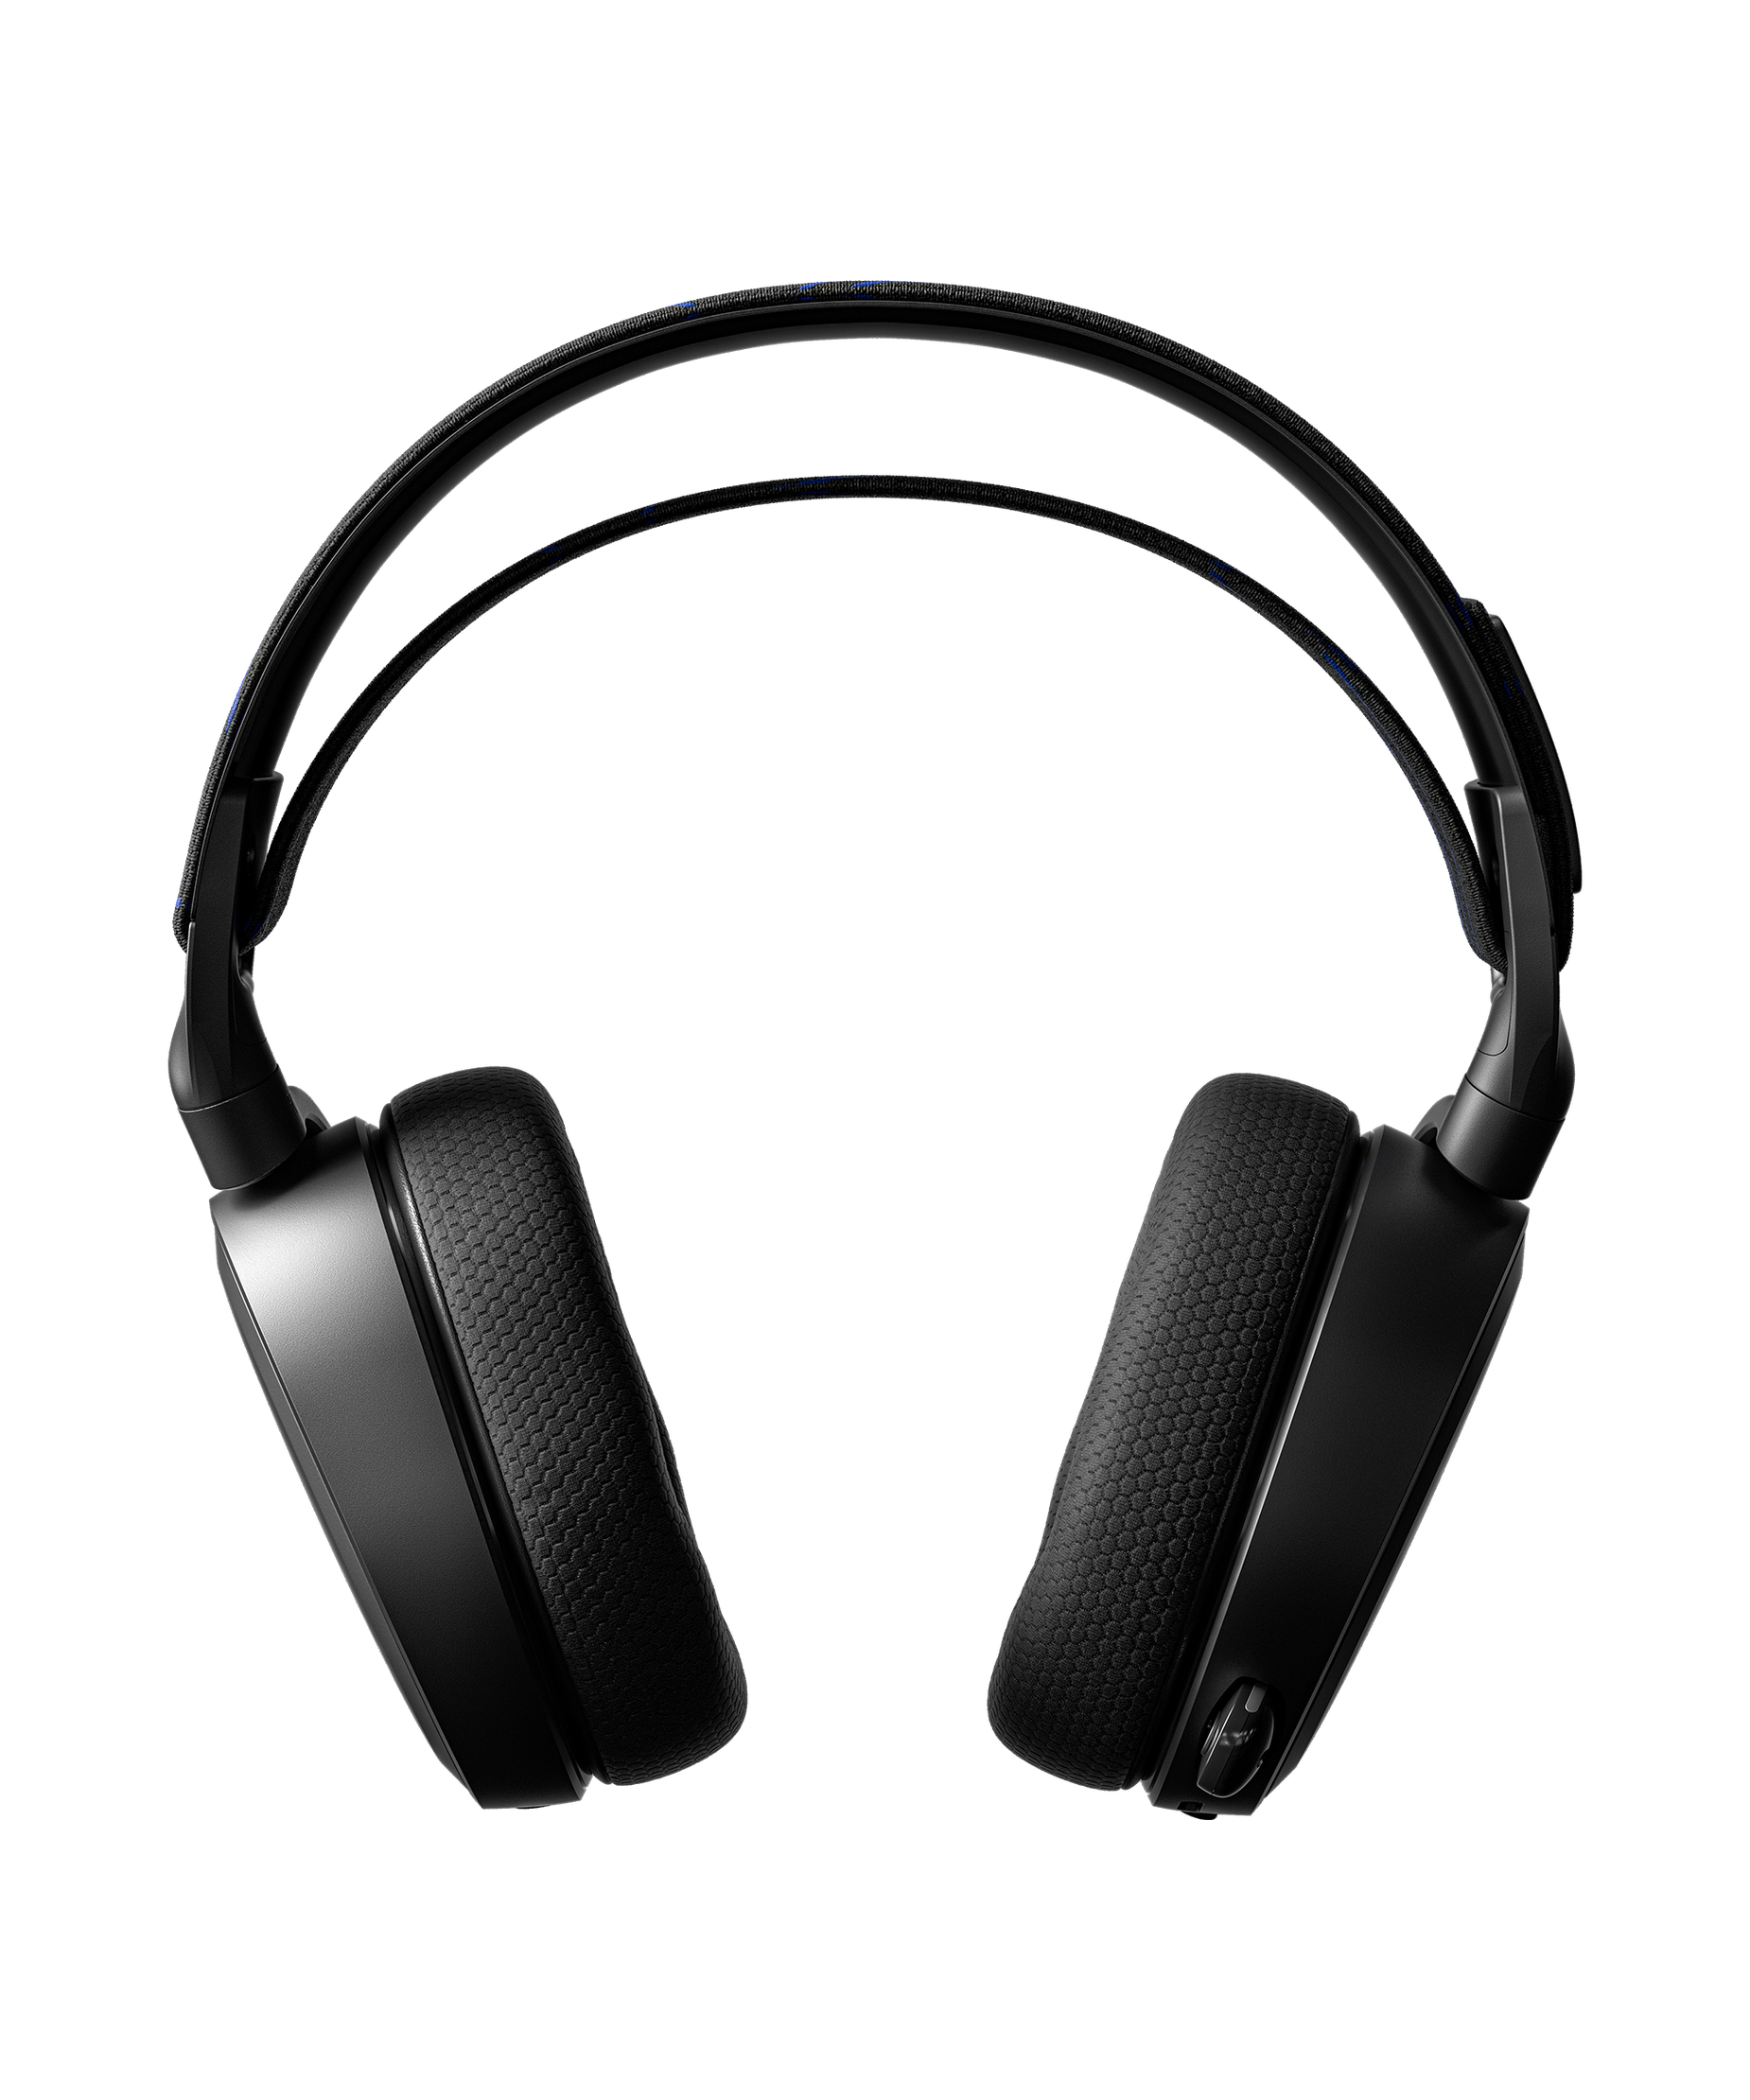 Arctis 7P耳機的正面產品渲染圖